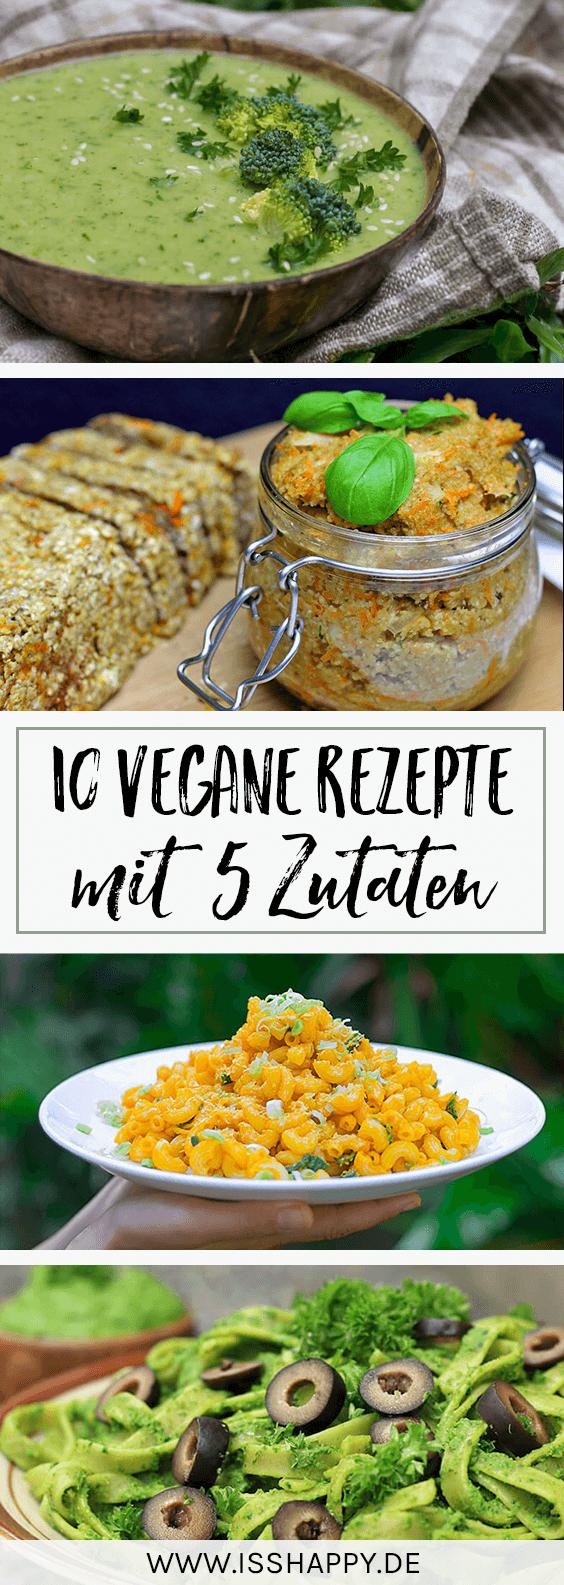 10 Einfache Vegane Rezepte Mit Nur 5 Zutaten Lecker Gesund Rezepte Gesunde Vegetarische Rezepte Vegane Rezepte